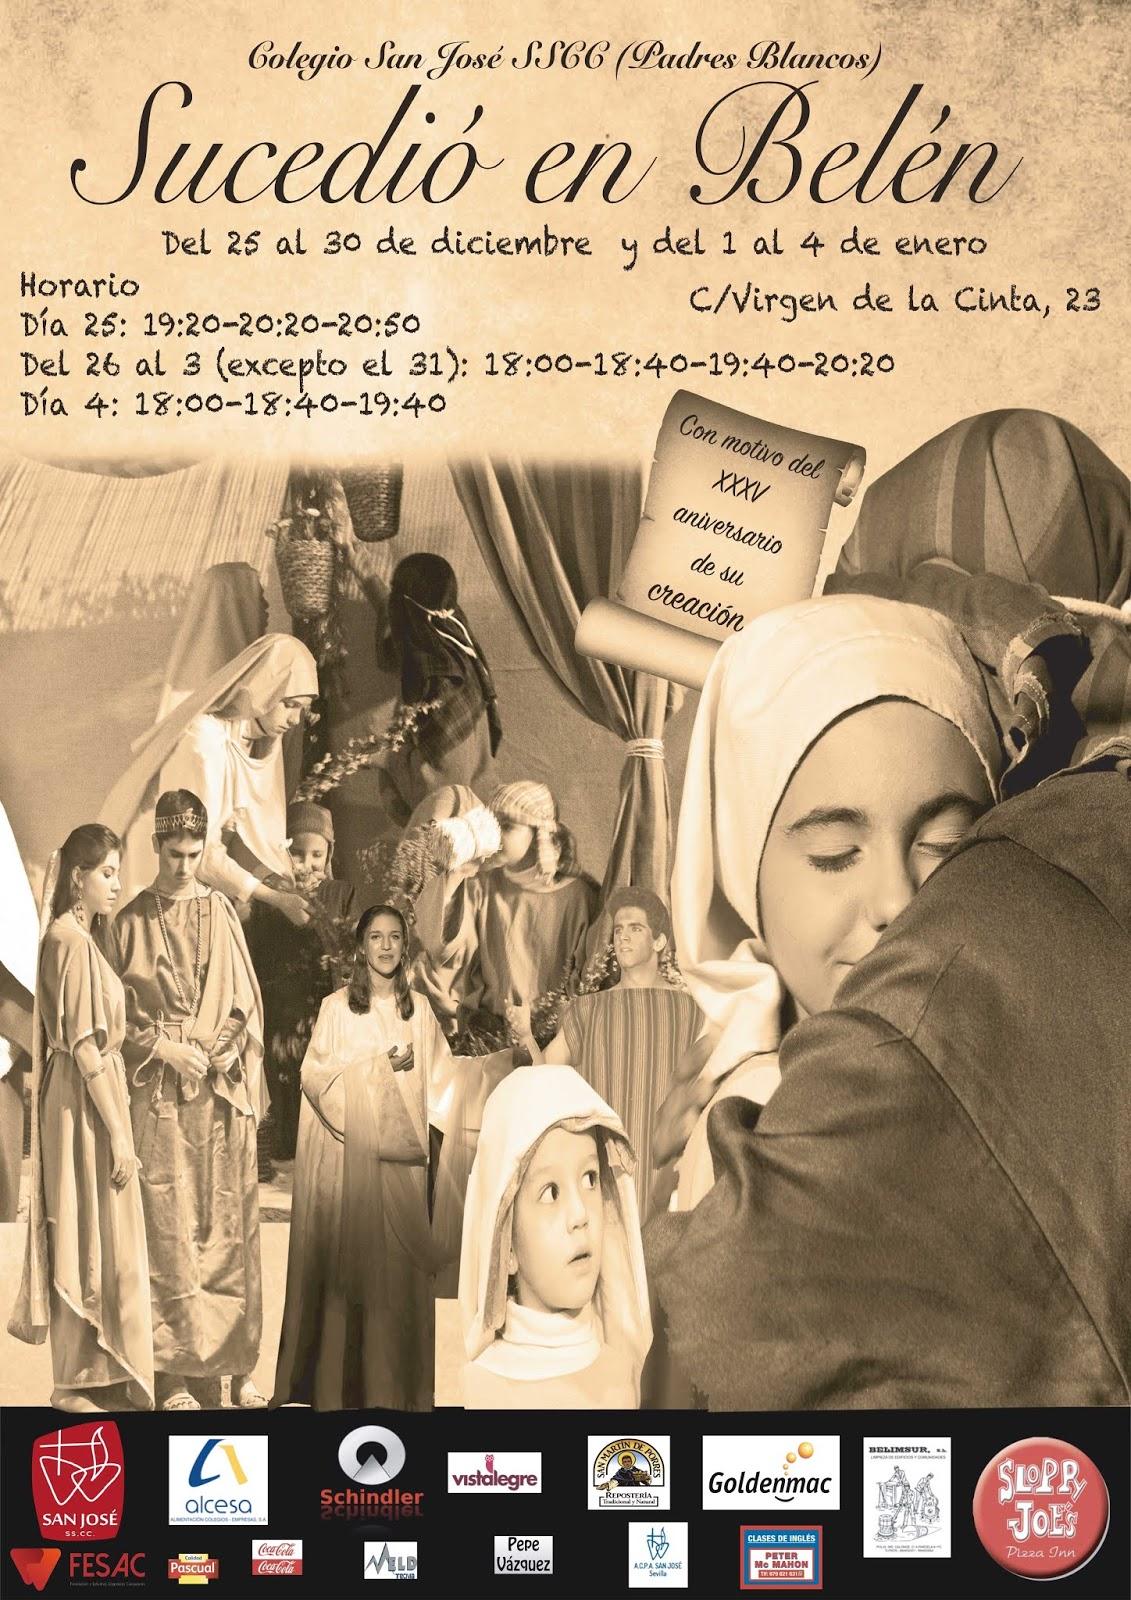 Belén viviente del colegio Padres Blancos, Sevilla. Sucedió en Belén.